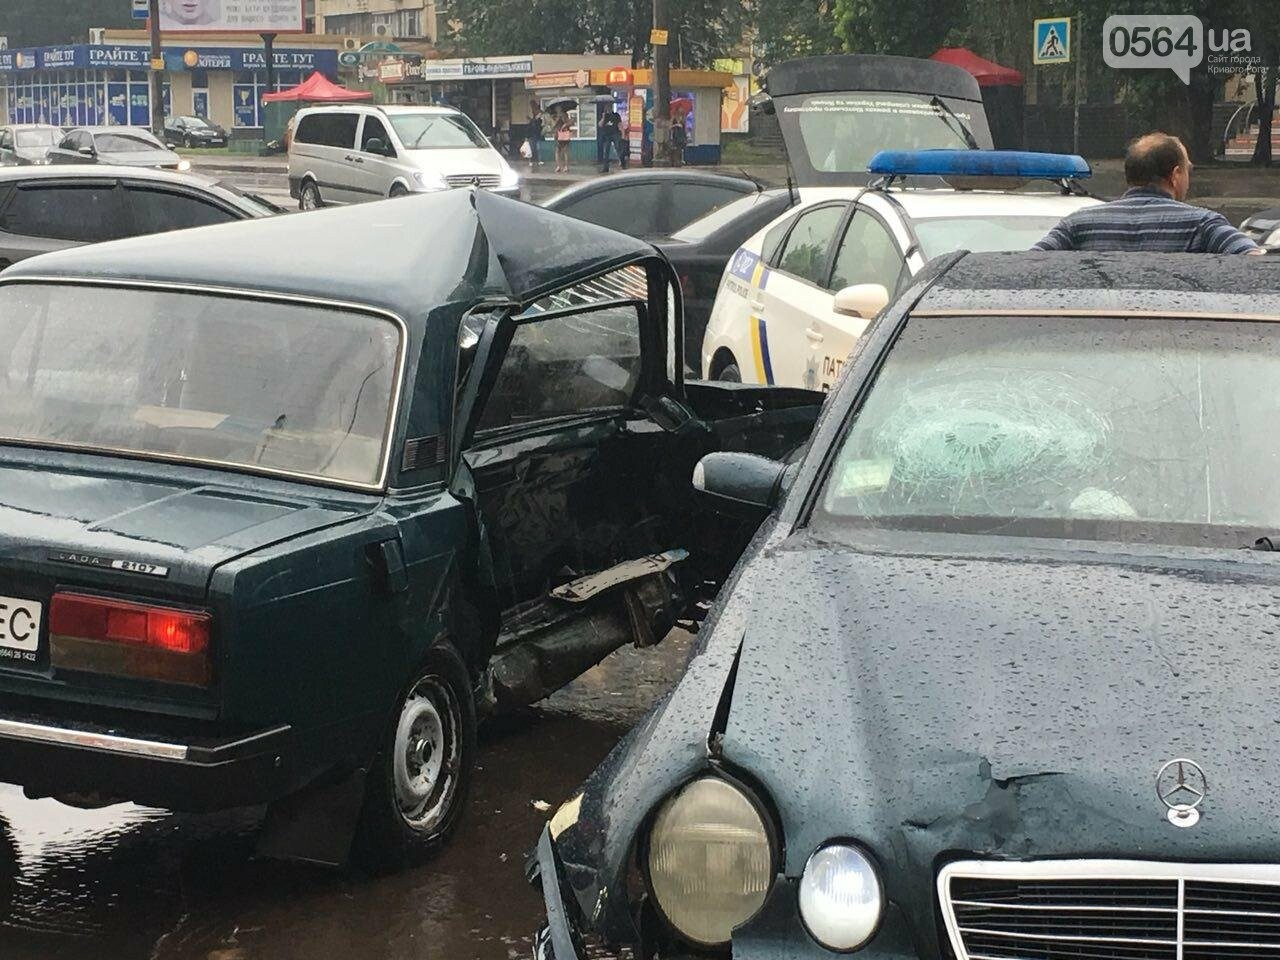 В Кривом Роге под дождем на перекрестке столкнулись иномарка и ВАЗ, - ФОТО, фото-21